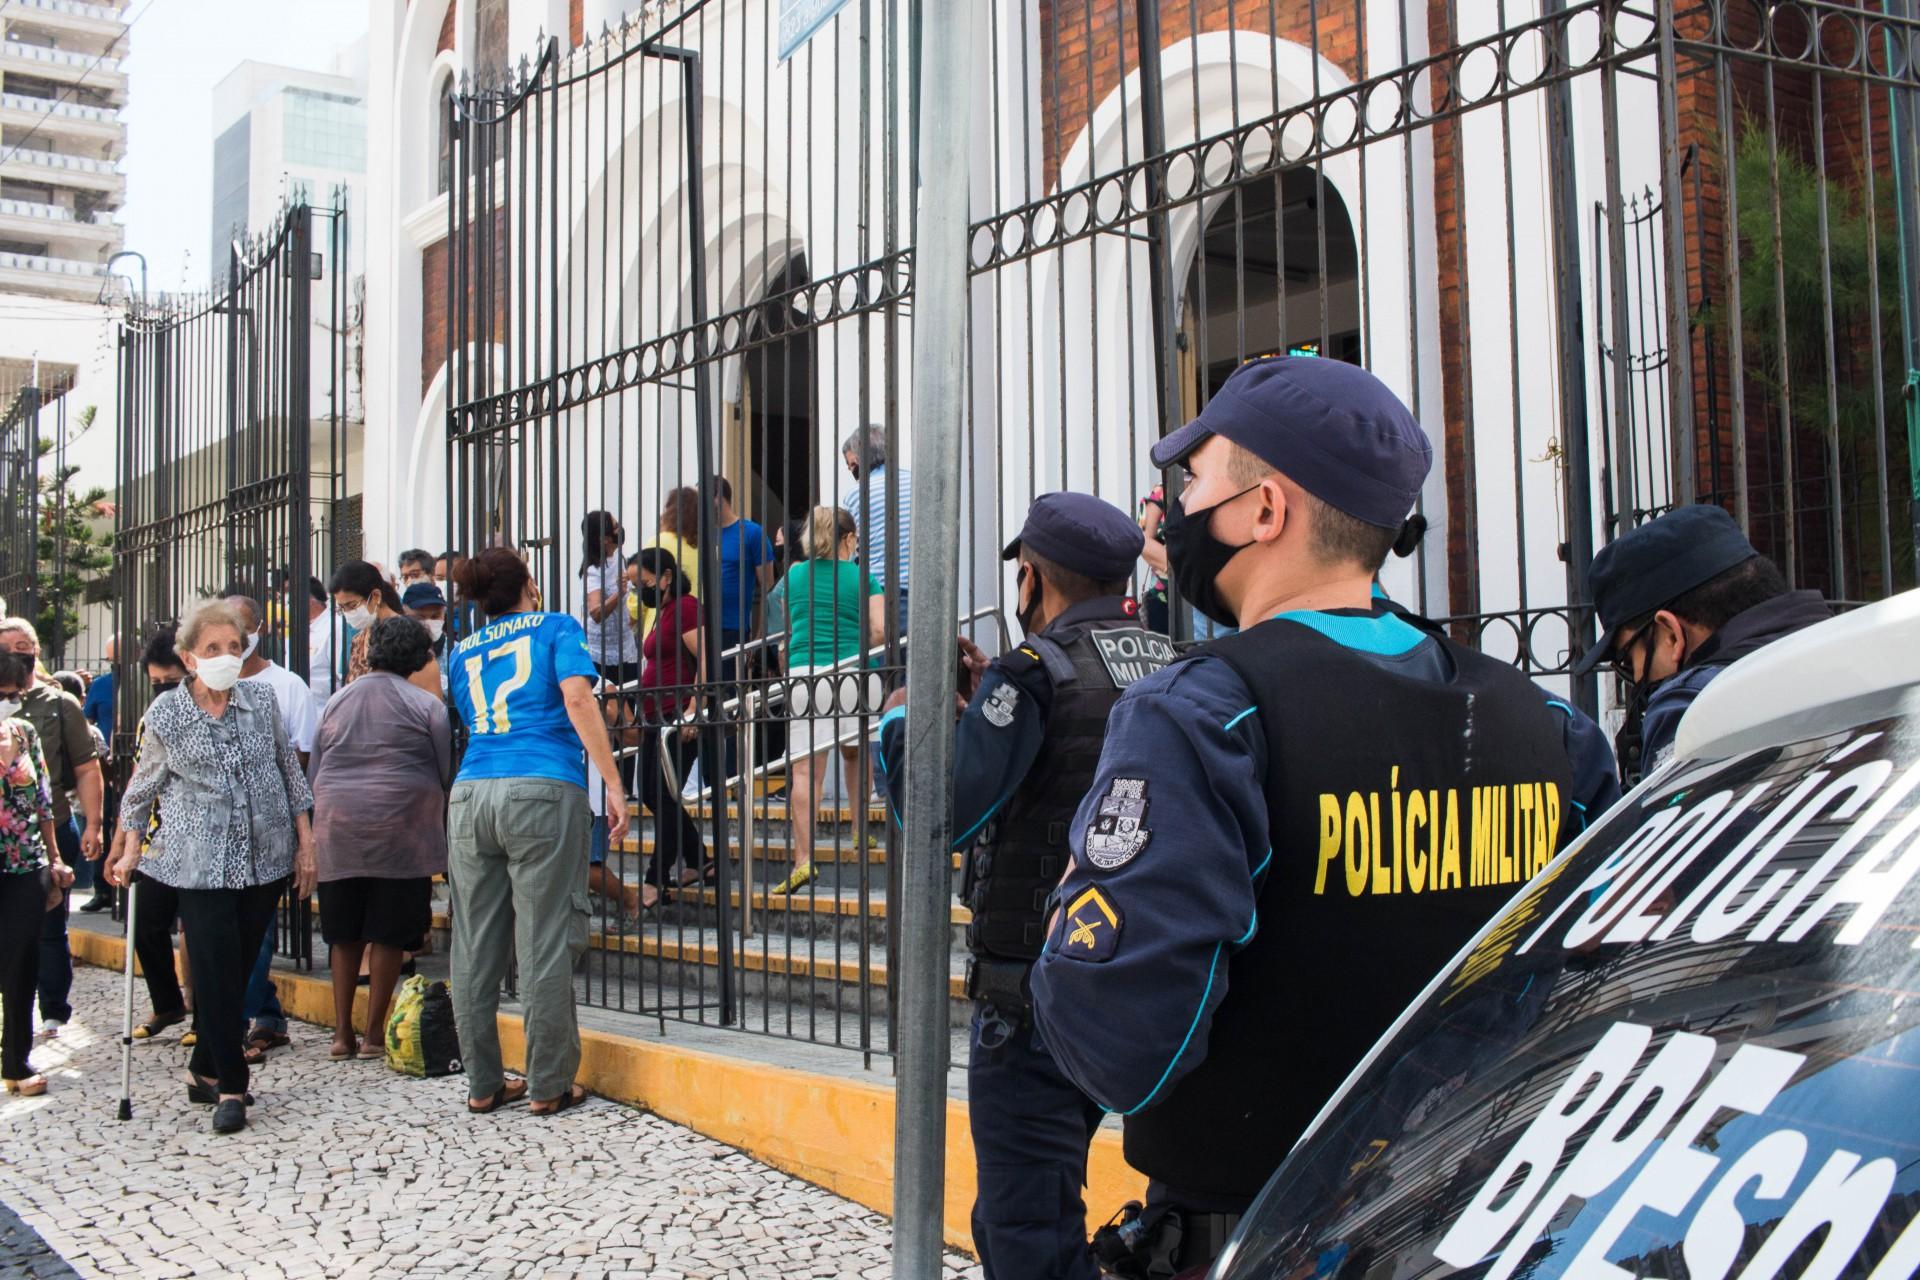 Apoiadores do presidente Jair Bolsonaro lotaram a Igreja da Paz neste domingo. Padre Lino foi afastado de maneira preventiva (Foto: Fernanda Barros)